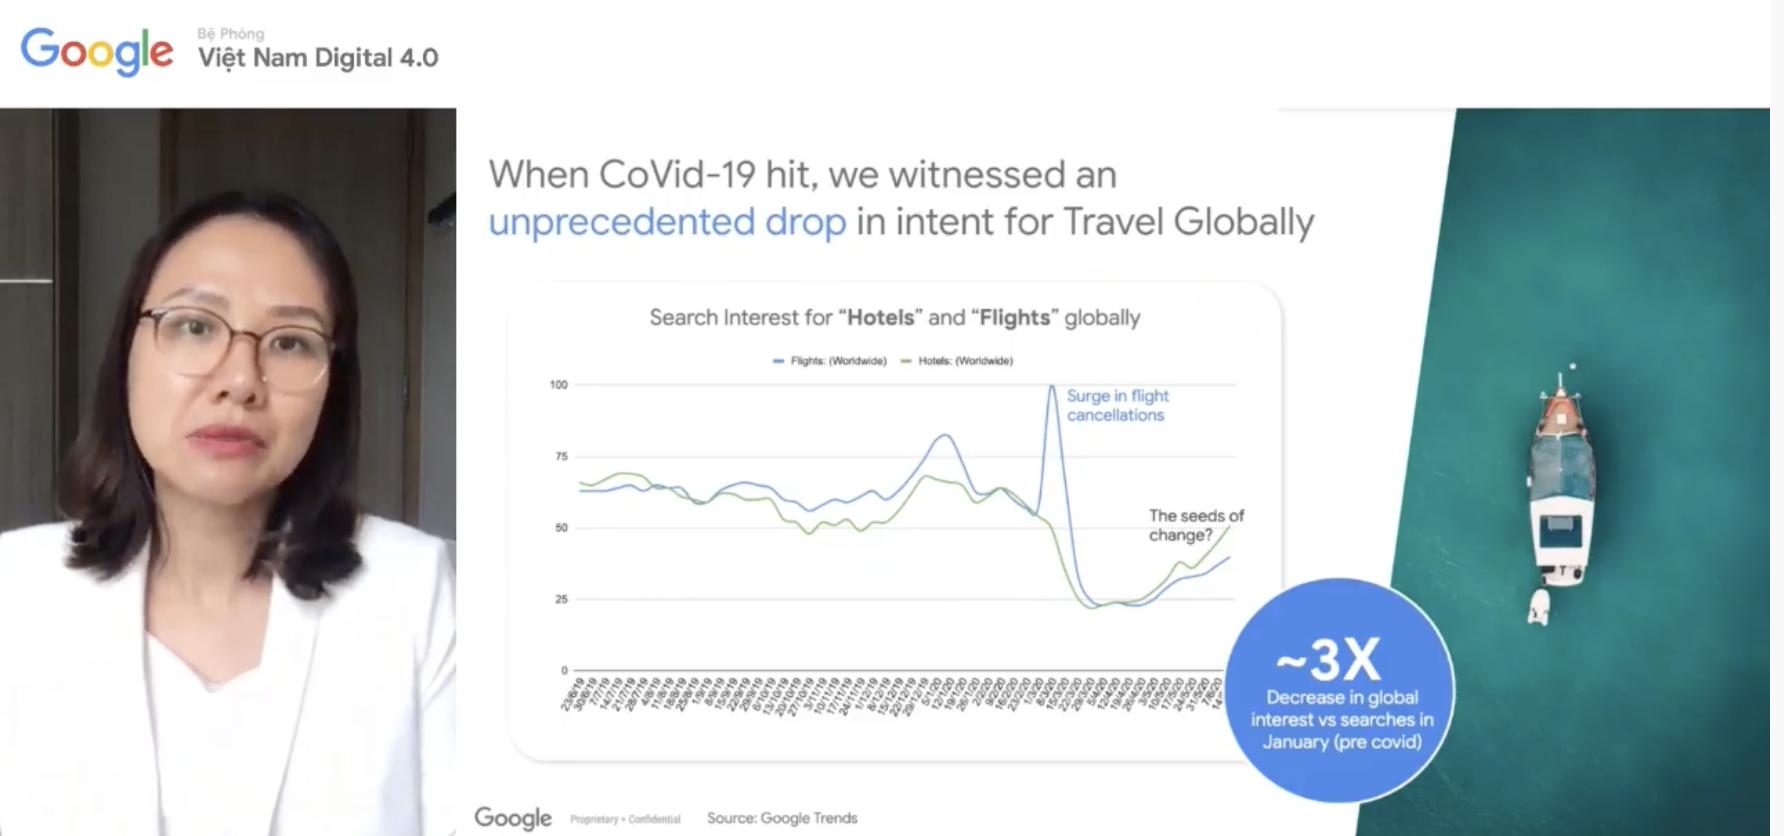 Các từ khoá du lịch biển tại Việt Nam trên Google tăng gấp 2 lần so với trước đại dịch: Top 10 tìm kiếm không thấy Đà Nẵng - Ảnh 1.